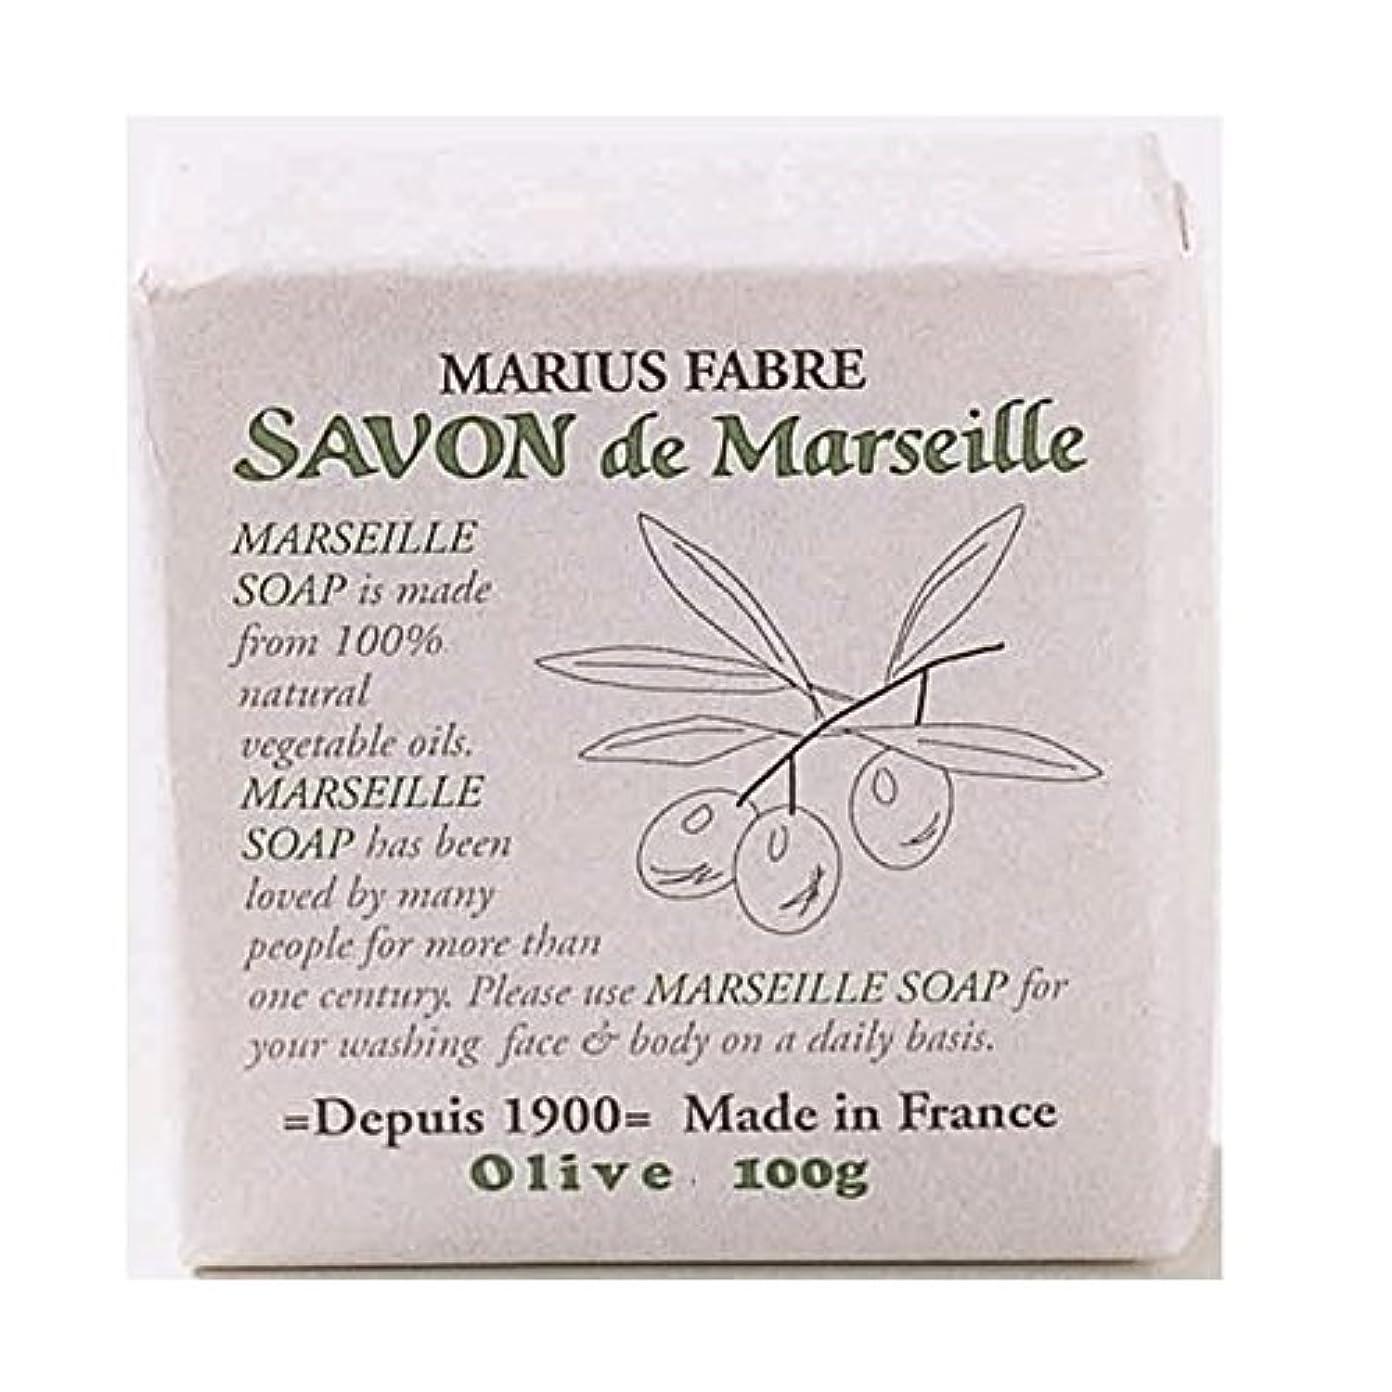 イタリック包帯楽なサボンドマルセイユ 無香料 オリーブ石鹸 100g 6個セット マリウスファーブル